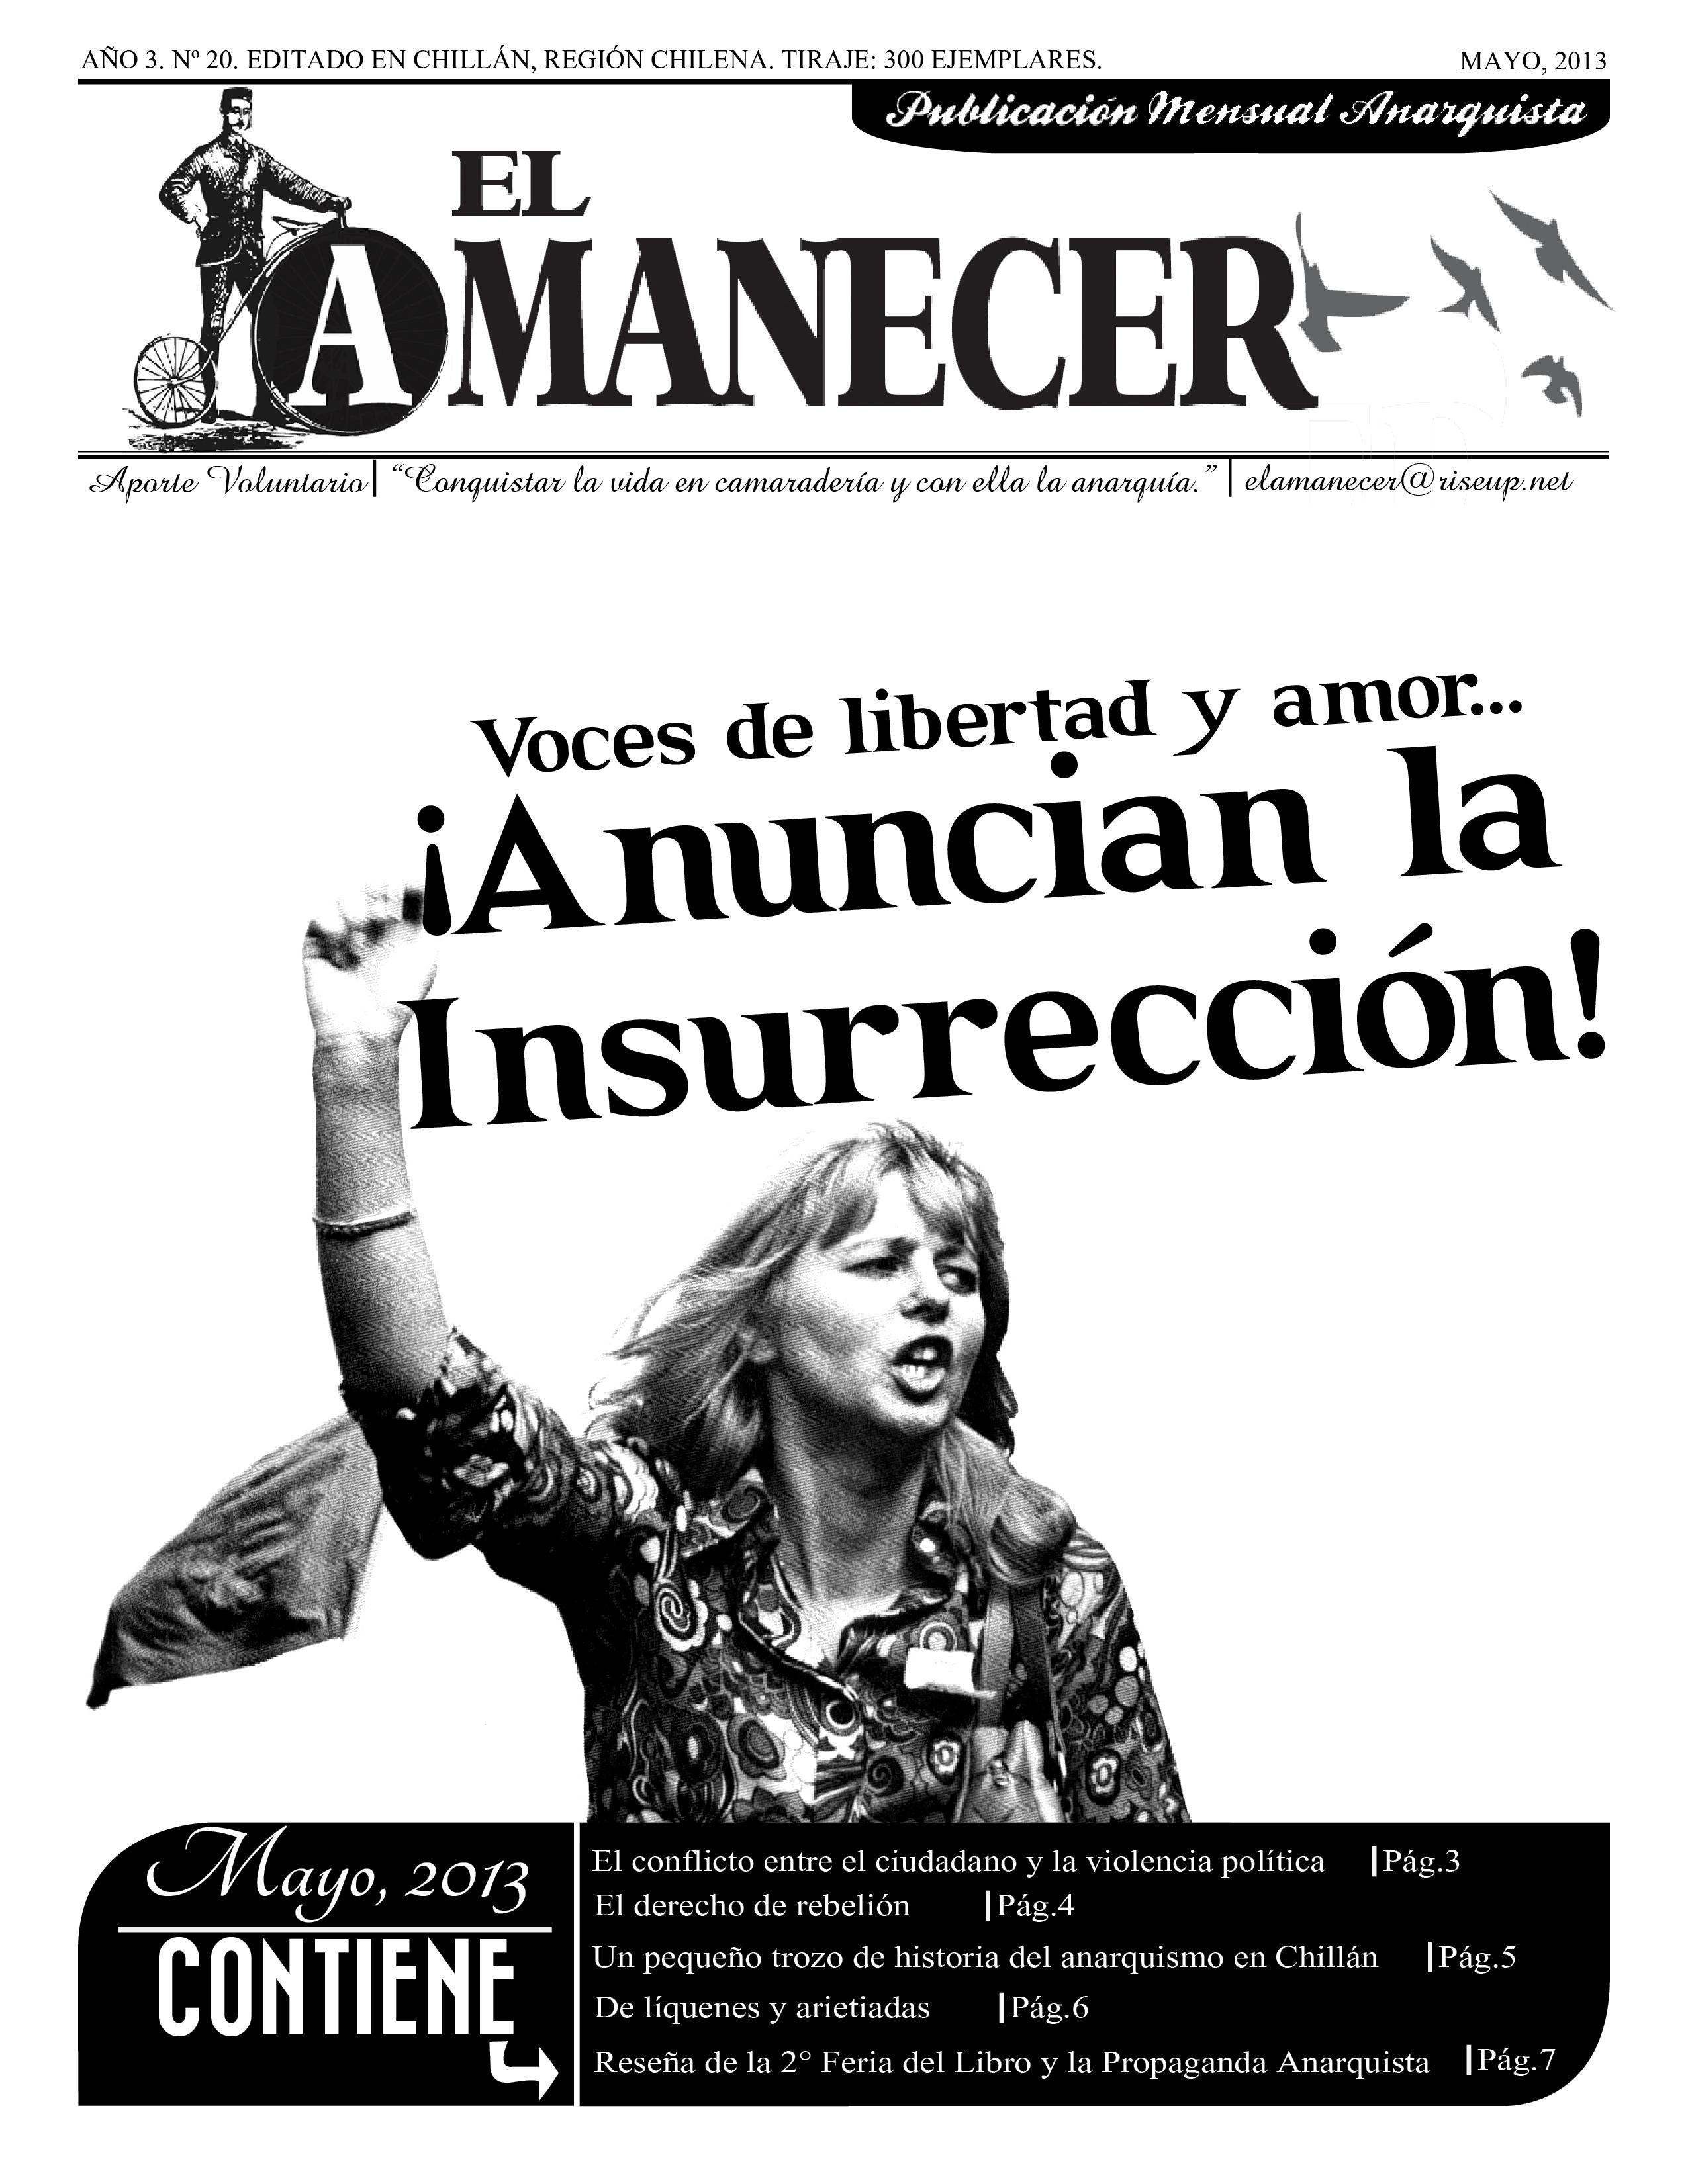 Marginadxs: Sale El Amanecer, periódico mensual anarquista